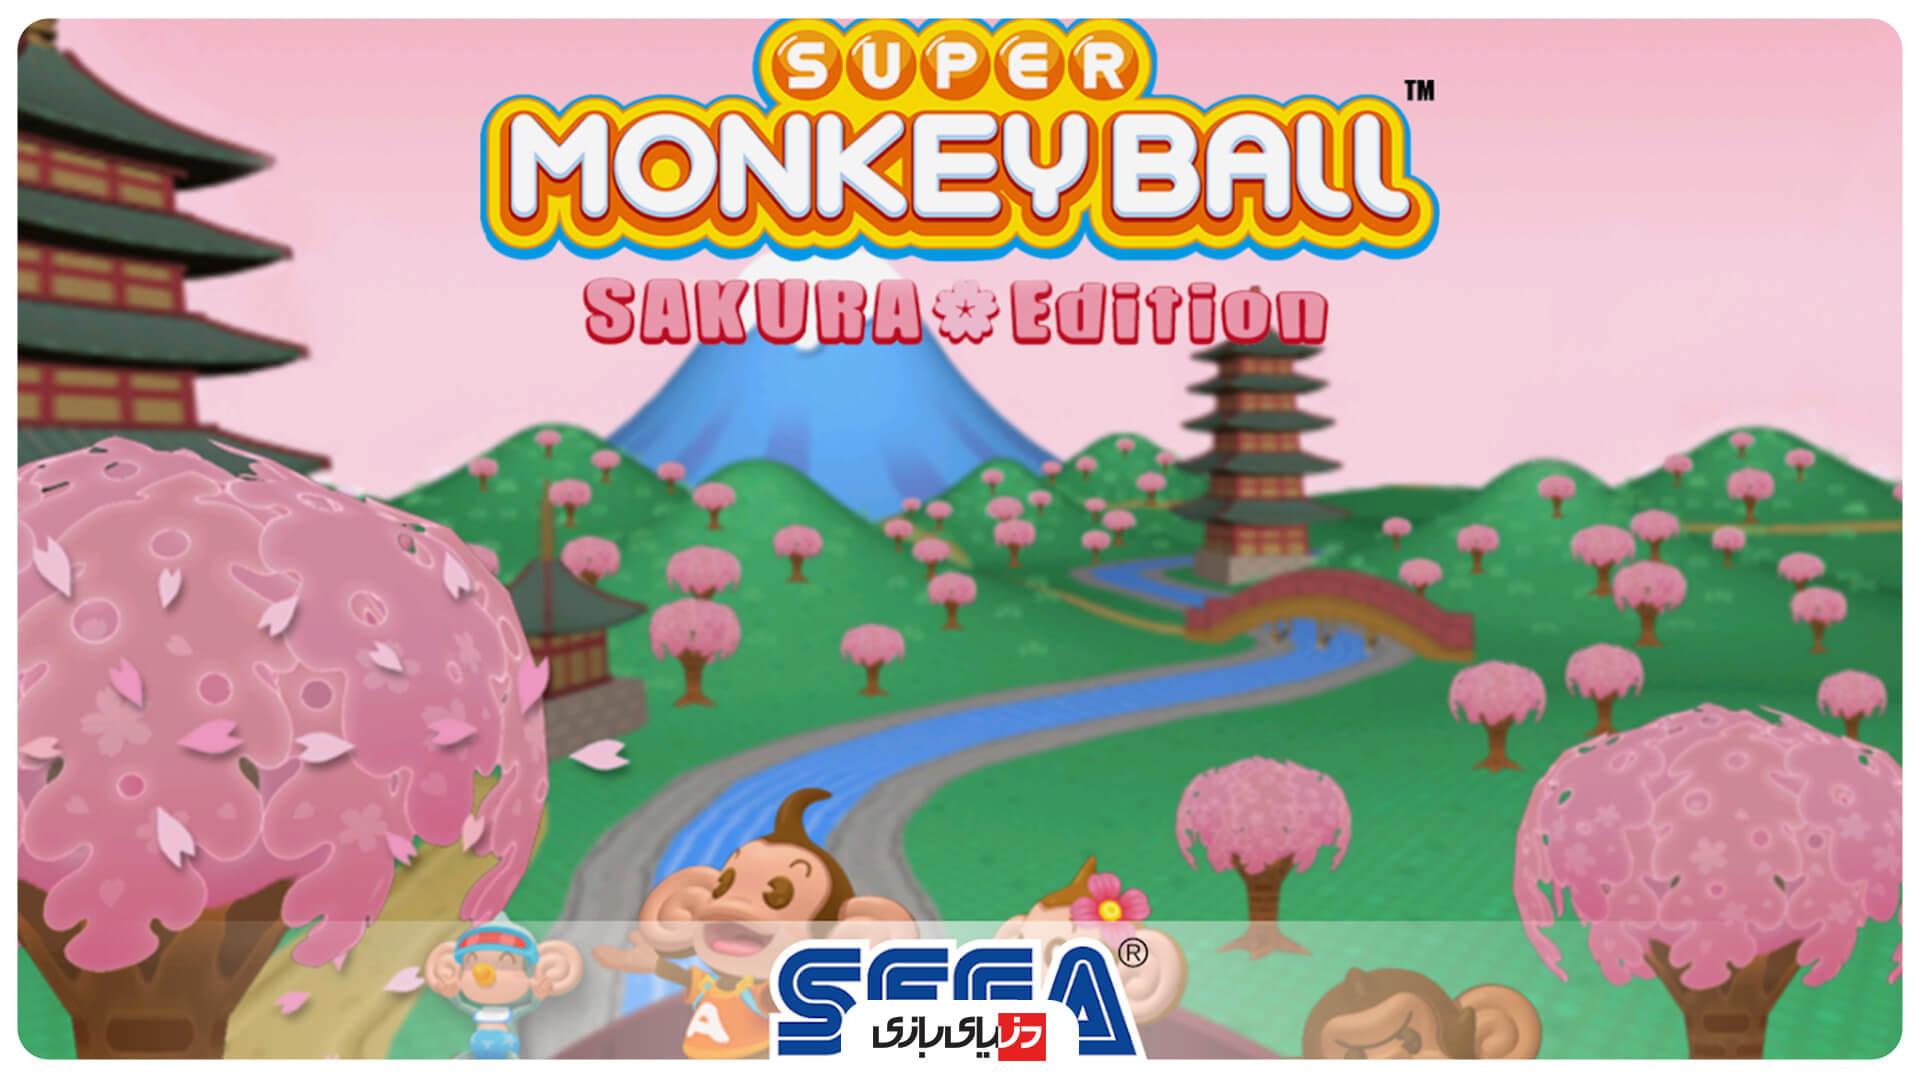 بازی سگا Super Monkey Ball